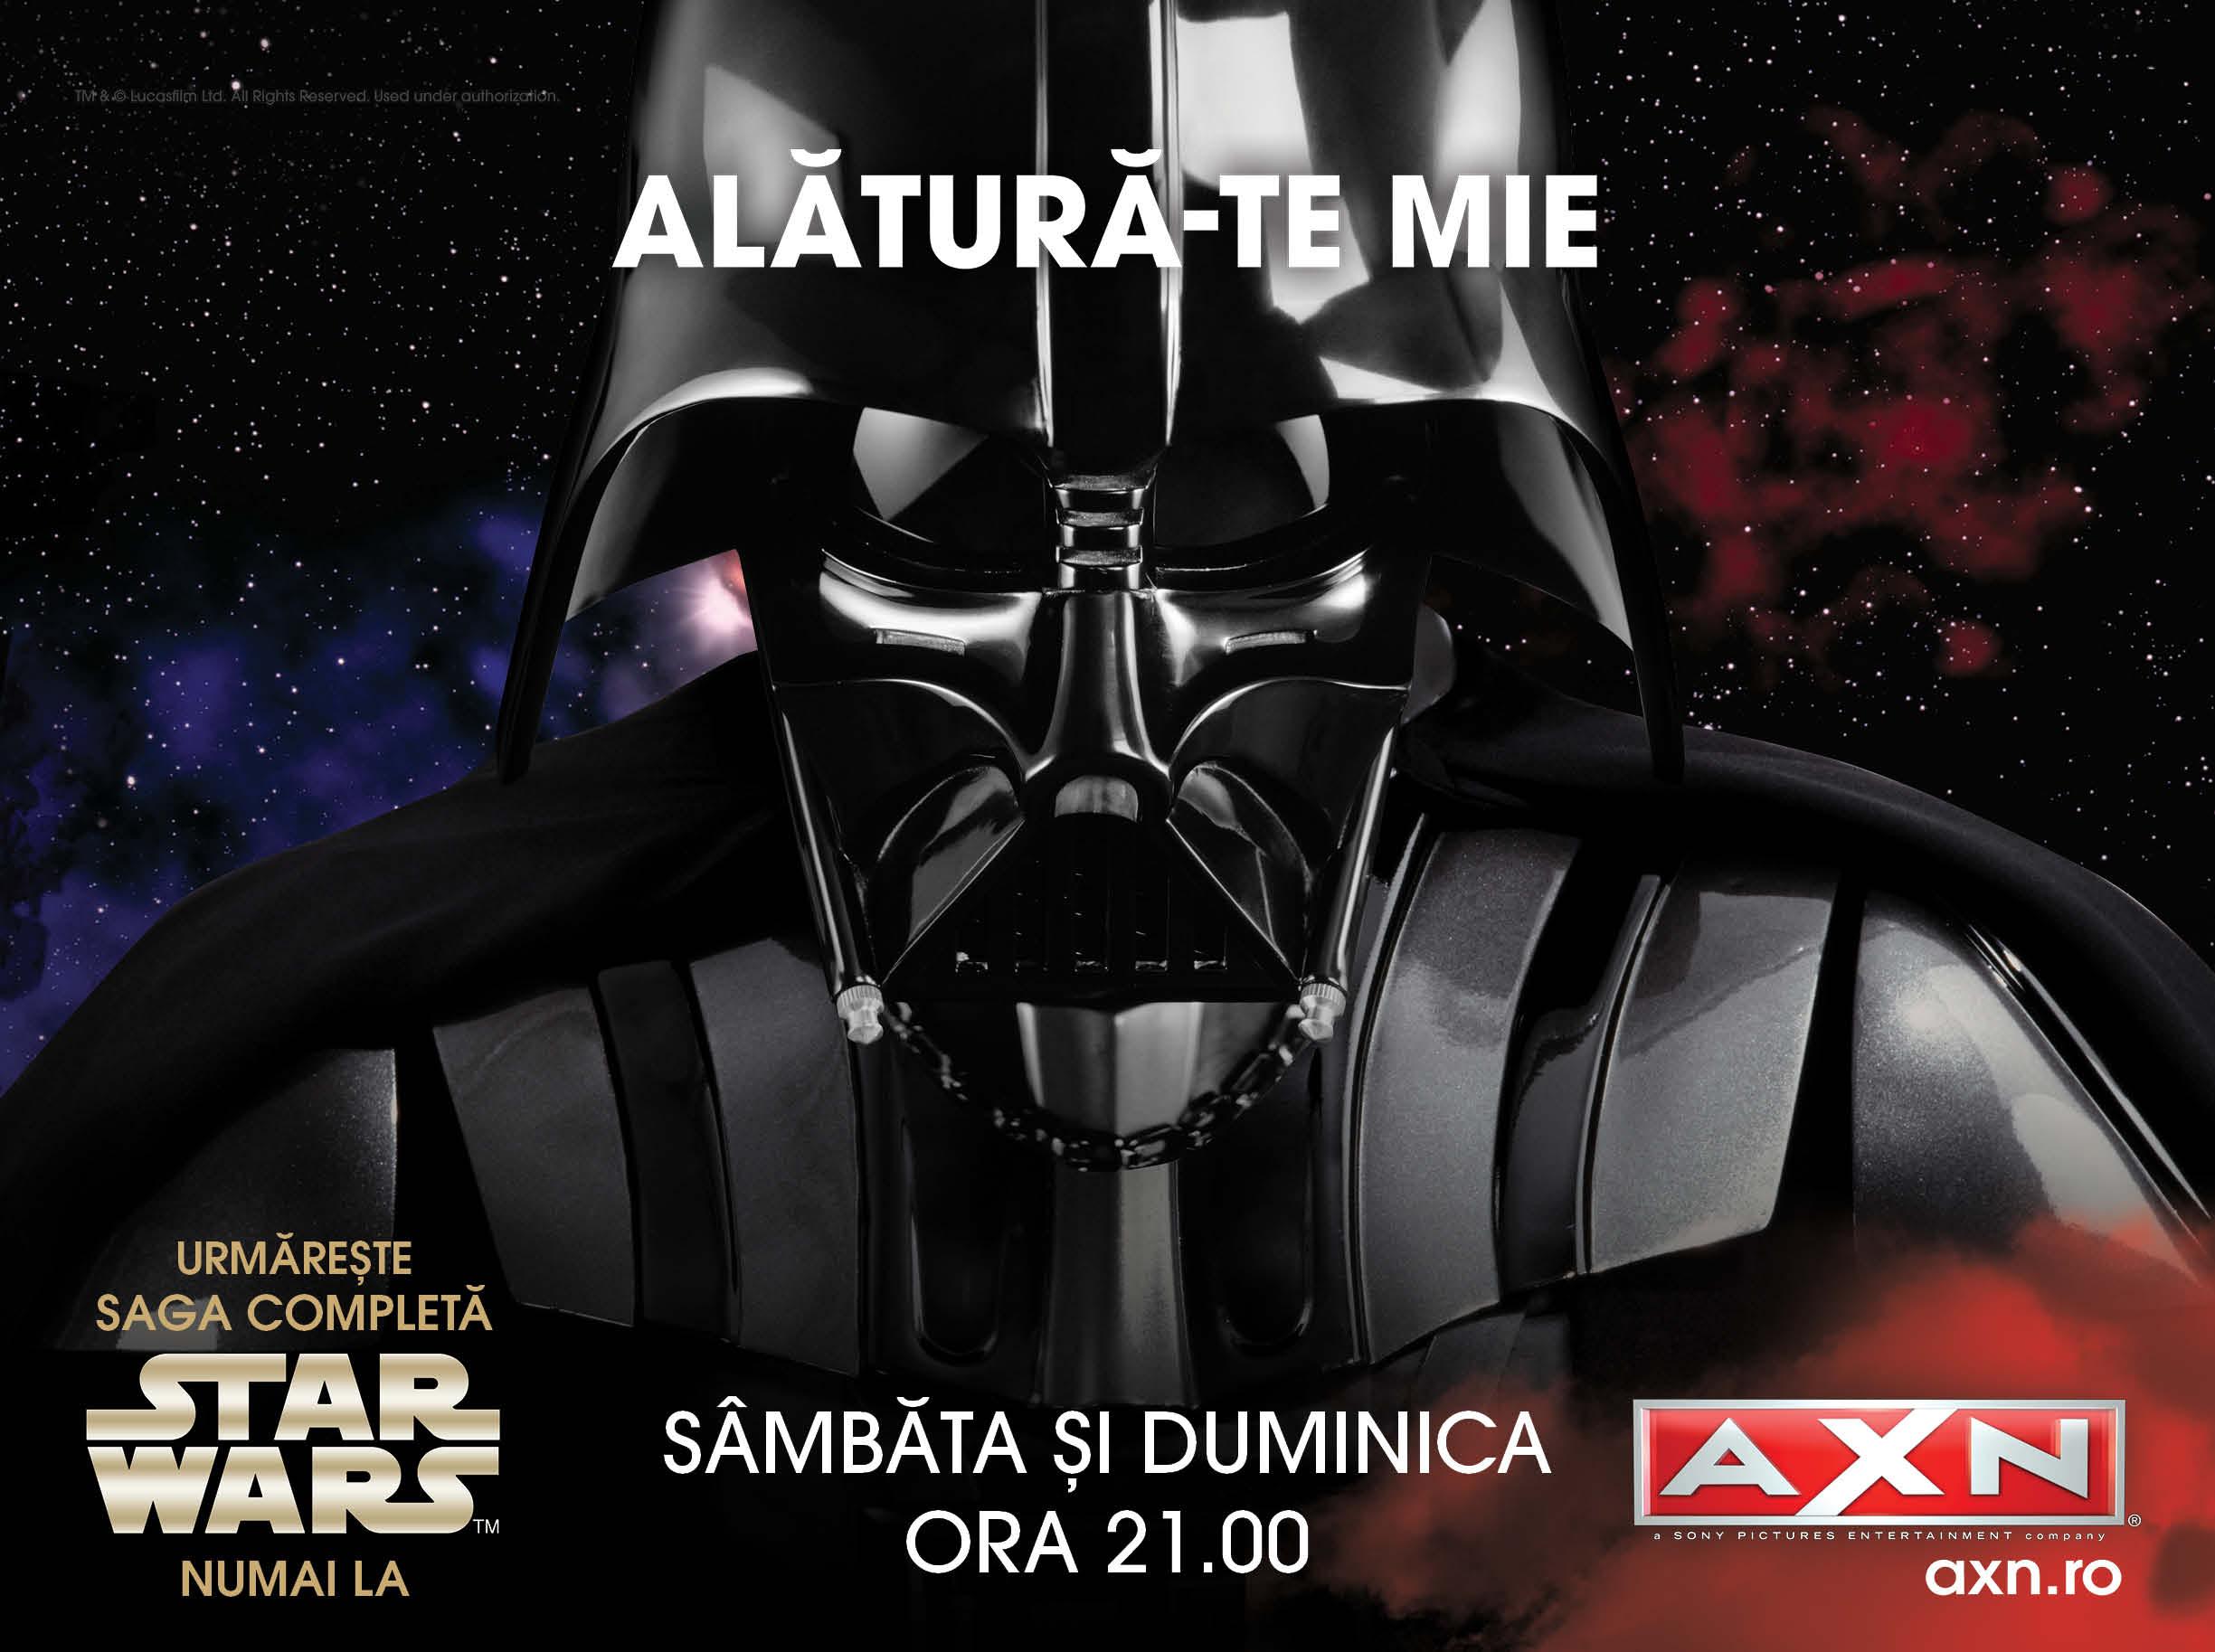 AXN promovează premiera saga Războiul stelelor, în campania de toamnă 2015